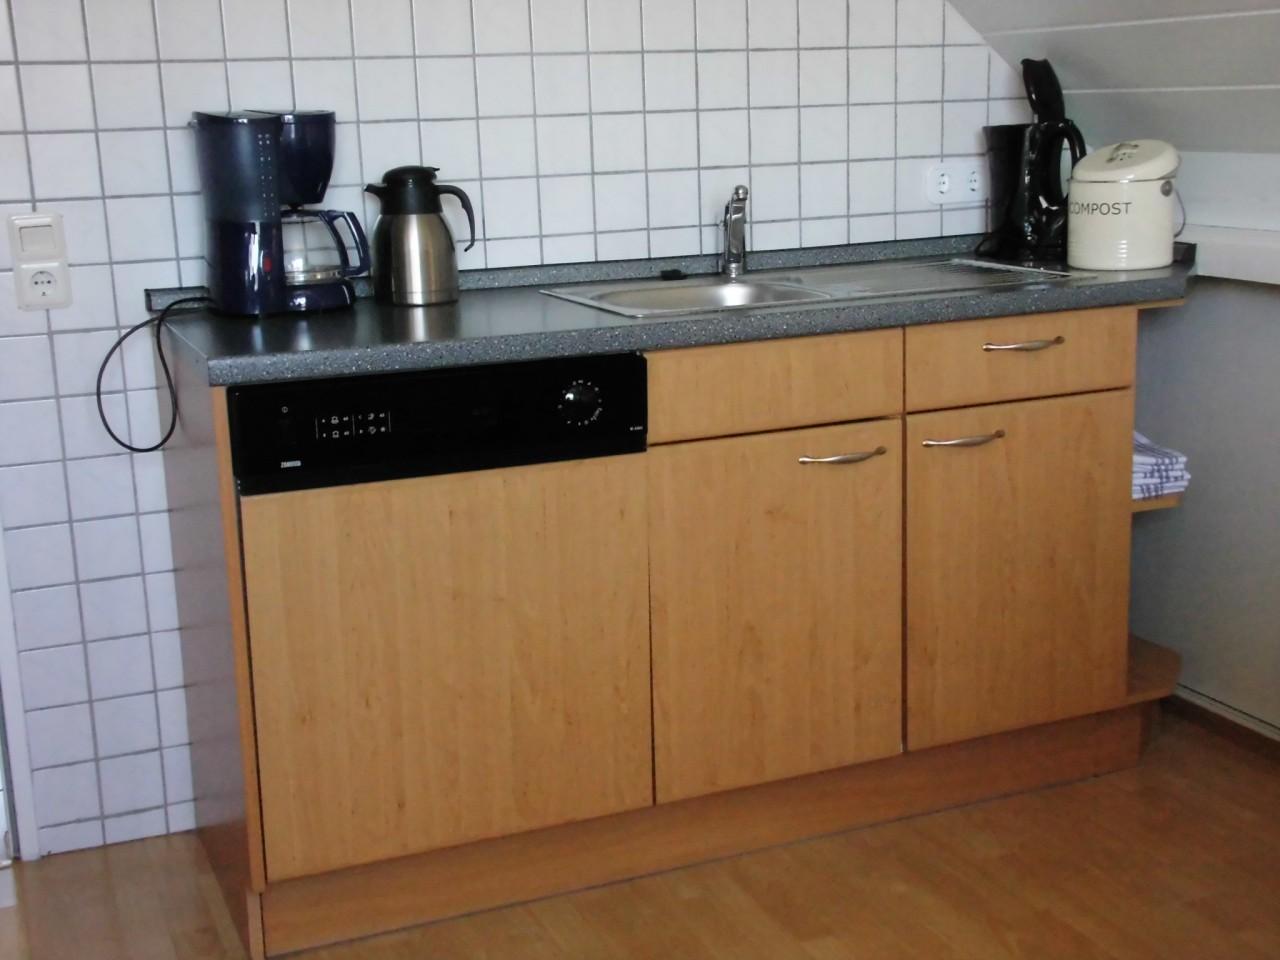 Miniküche Mit Kühlschrank Und Mikrowelle : Miniküche von inwerk schÖner wohnen